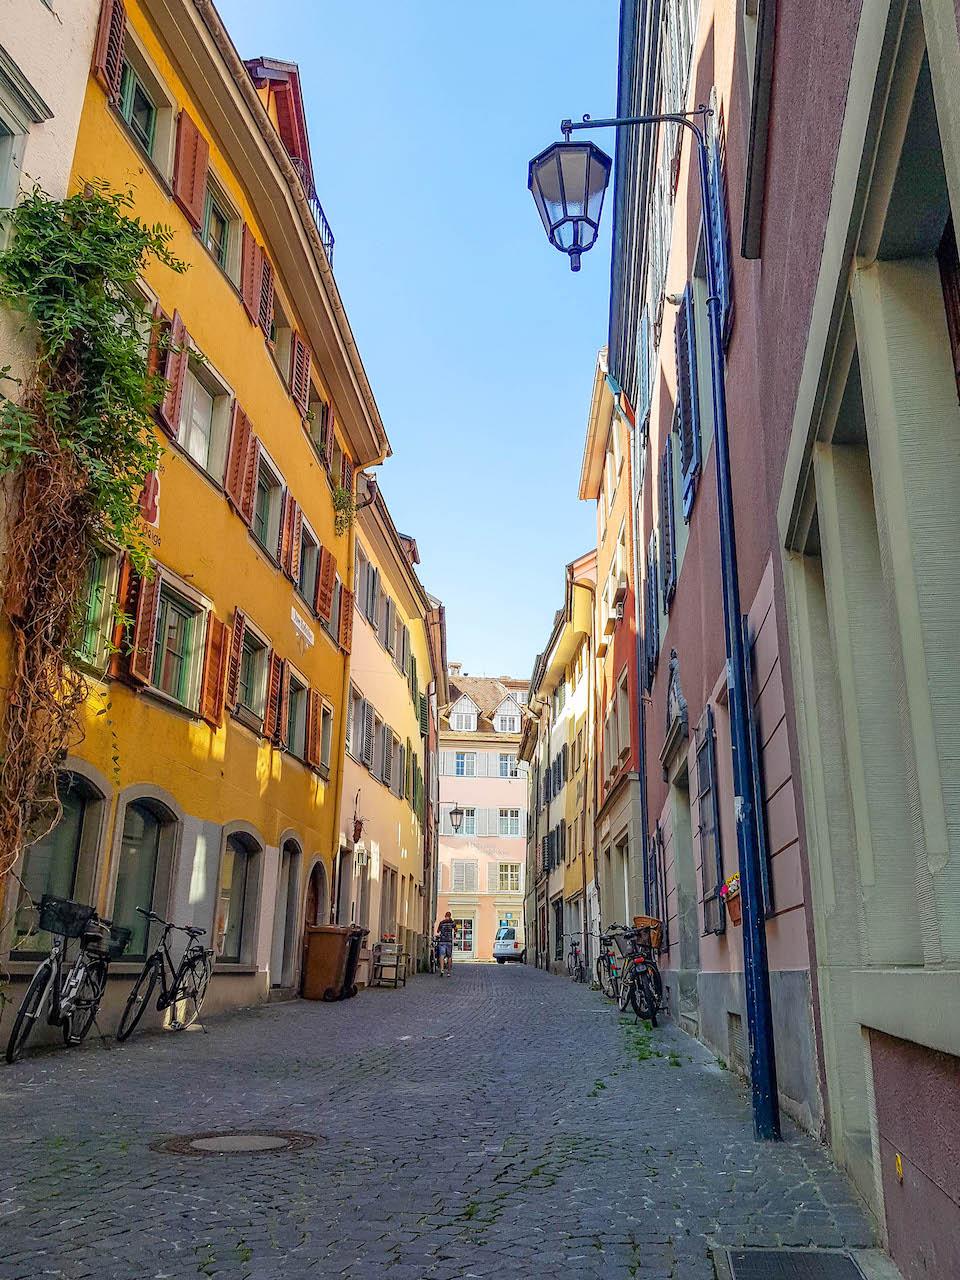 Das Viertel Niederburg in Konstanz.